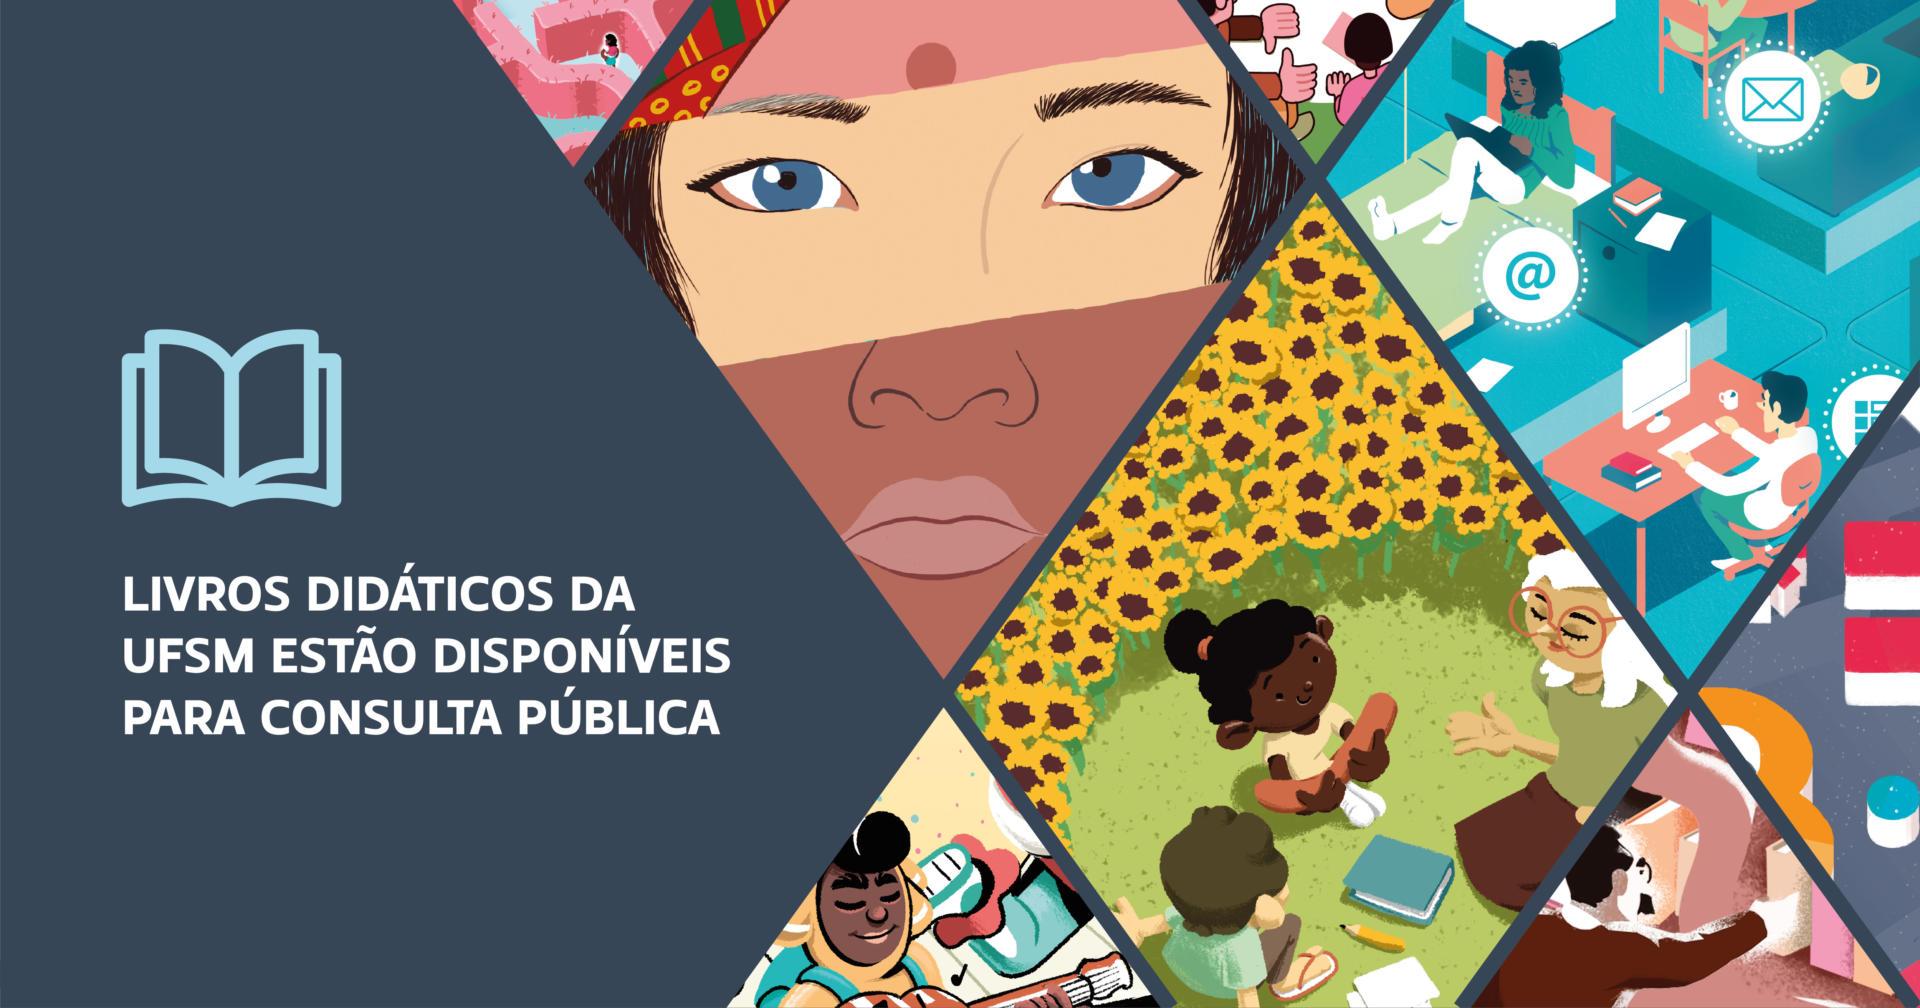 """Arte horizontal colorida com desenhos variados e a frase """"Livros didáticos da UFSM estão disponíveis para consulta pública"""""""